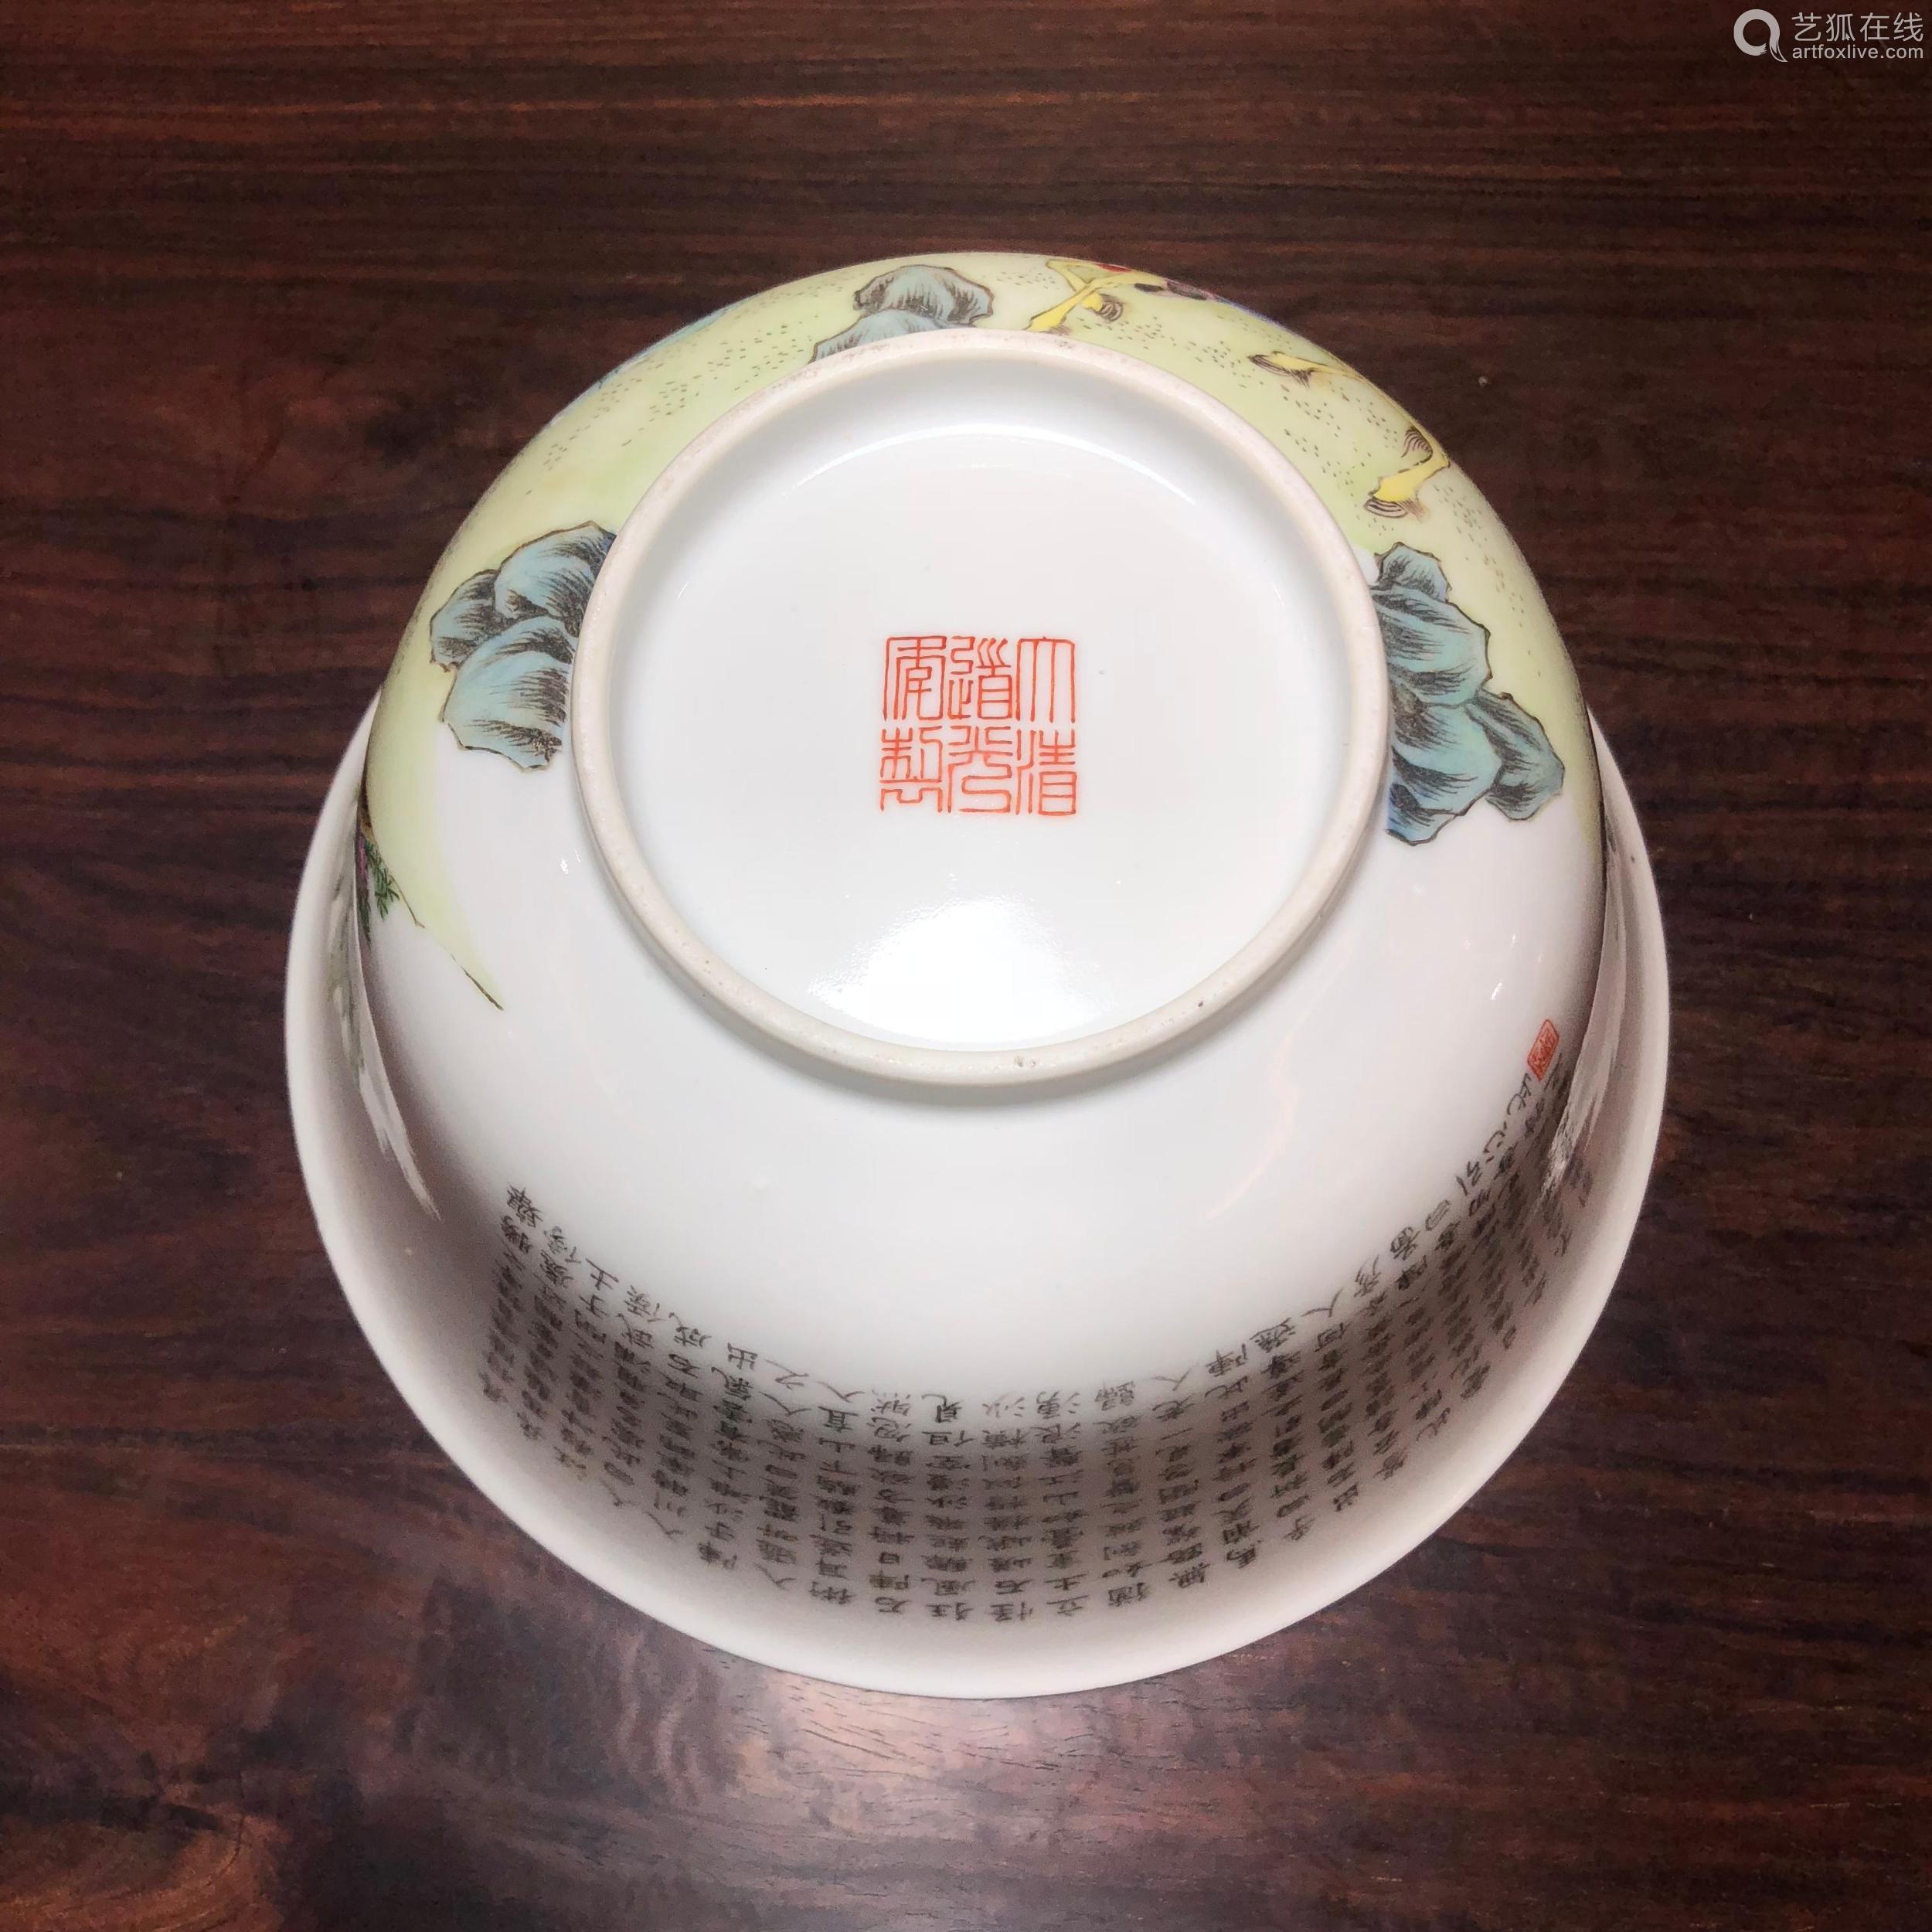 清晚期 粉彩三国人物故事纹宫碗